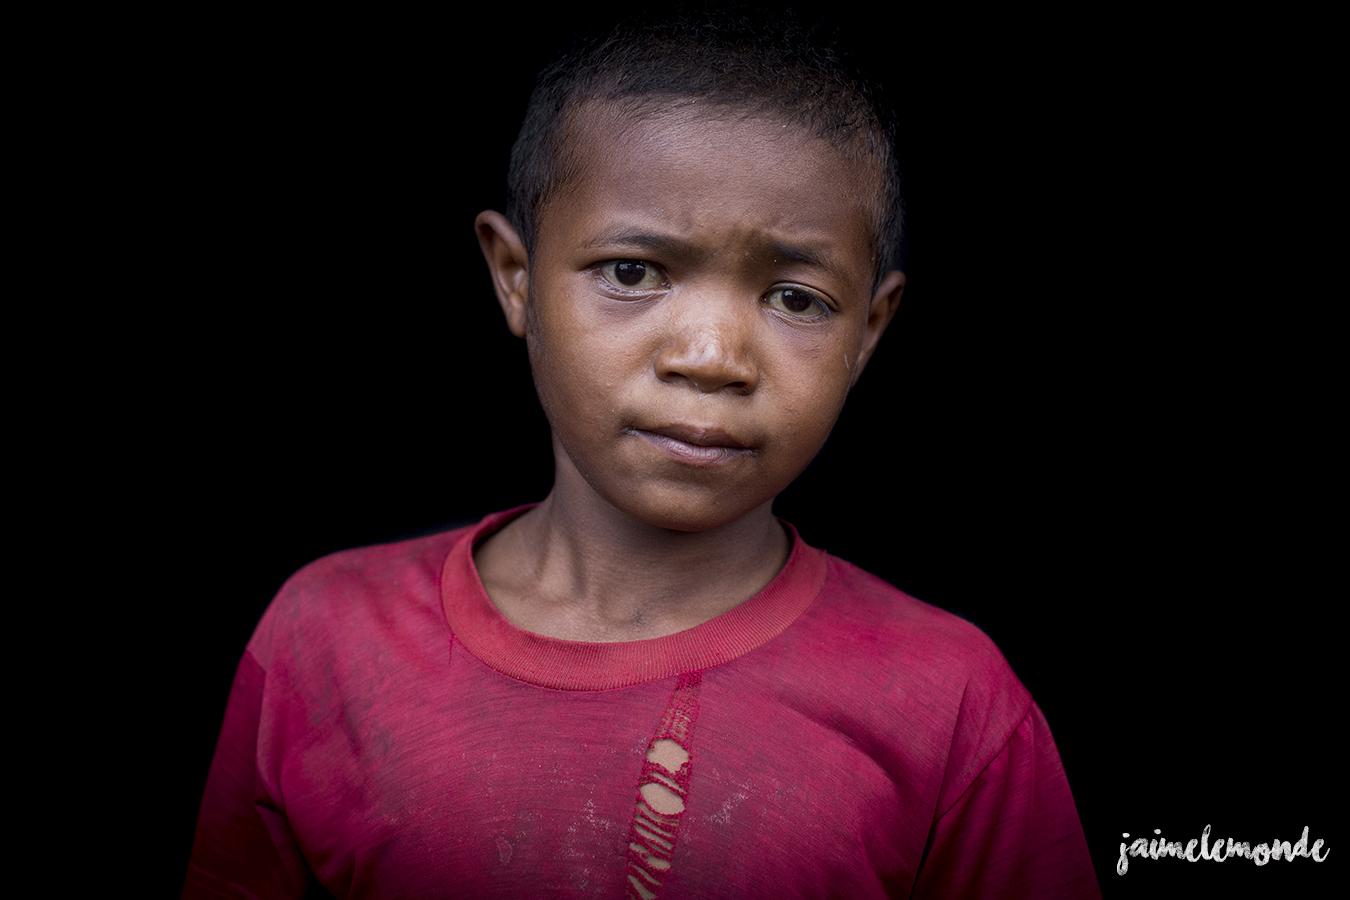 portraits-fond-noir-vohitsaoka-madagascar-jaimelemonde-10